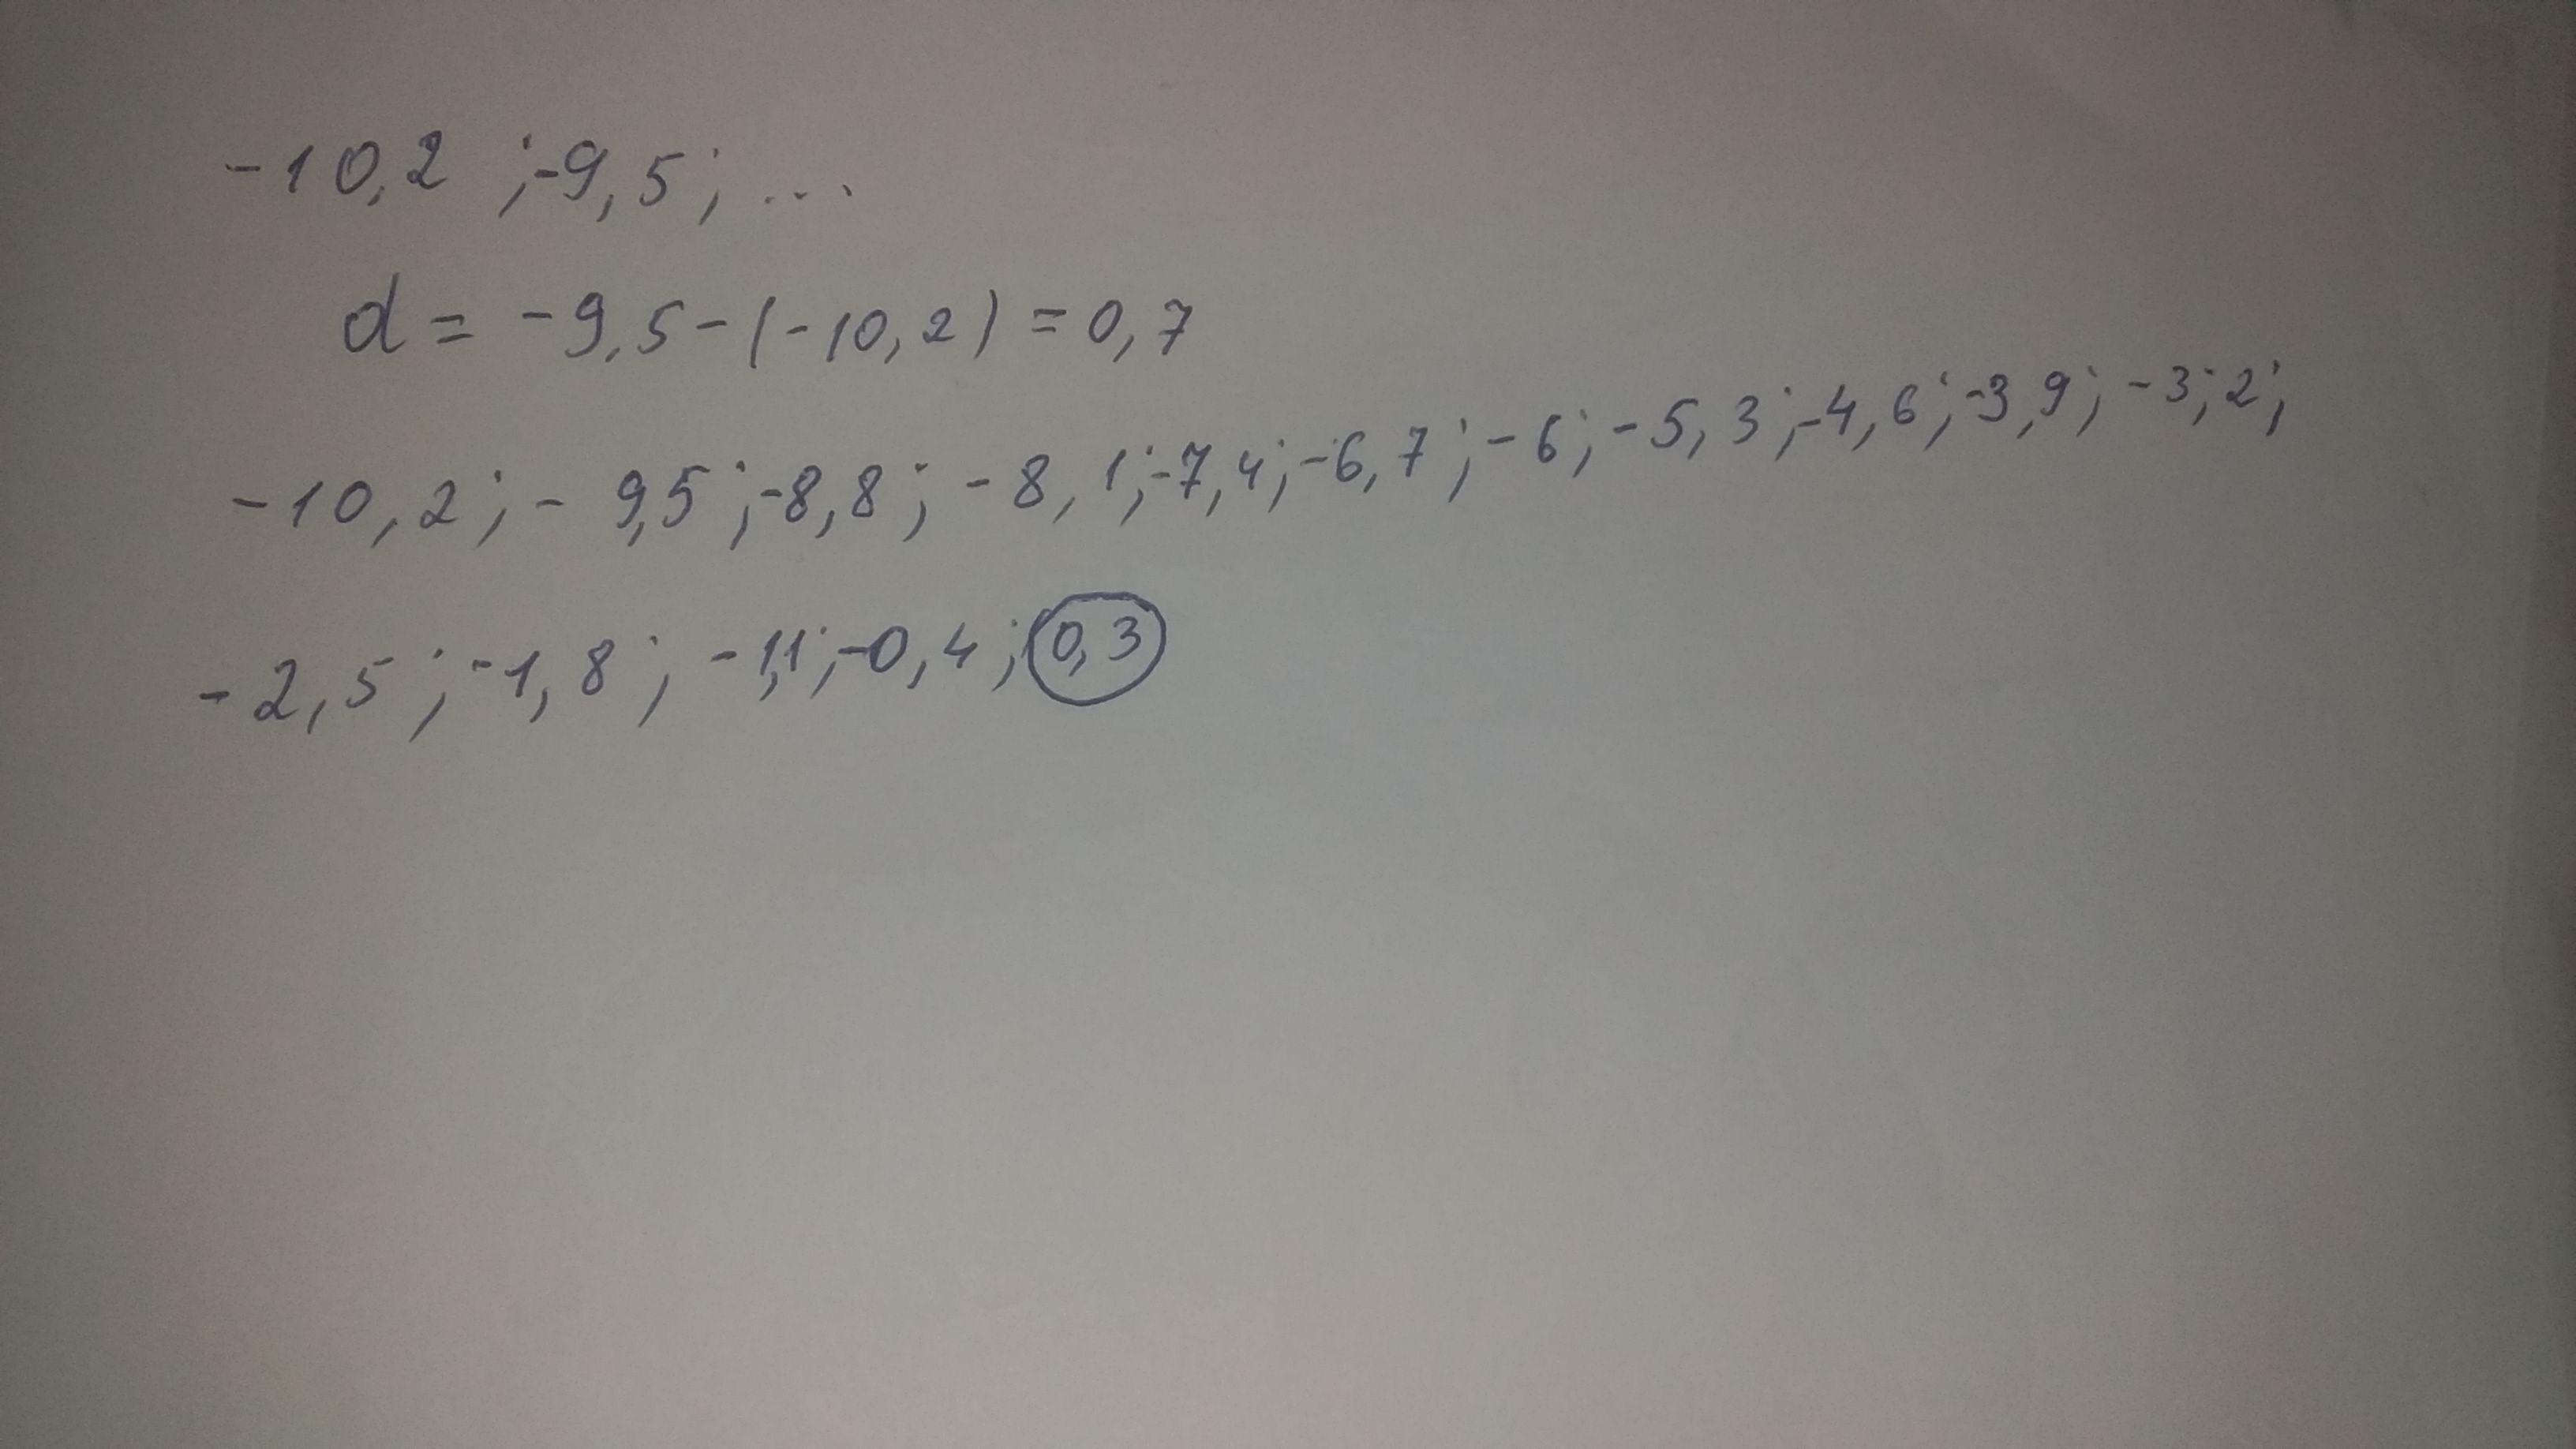 Найдите первый положительный член арифметической